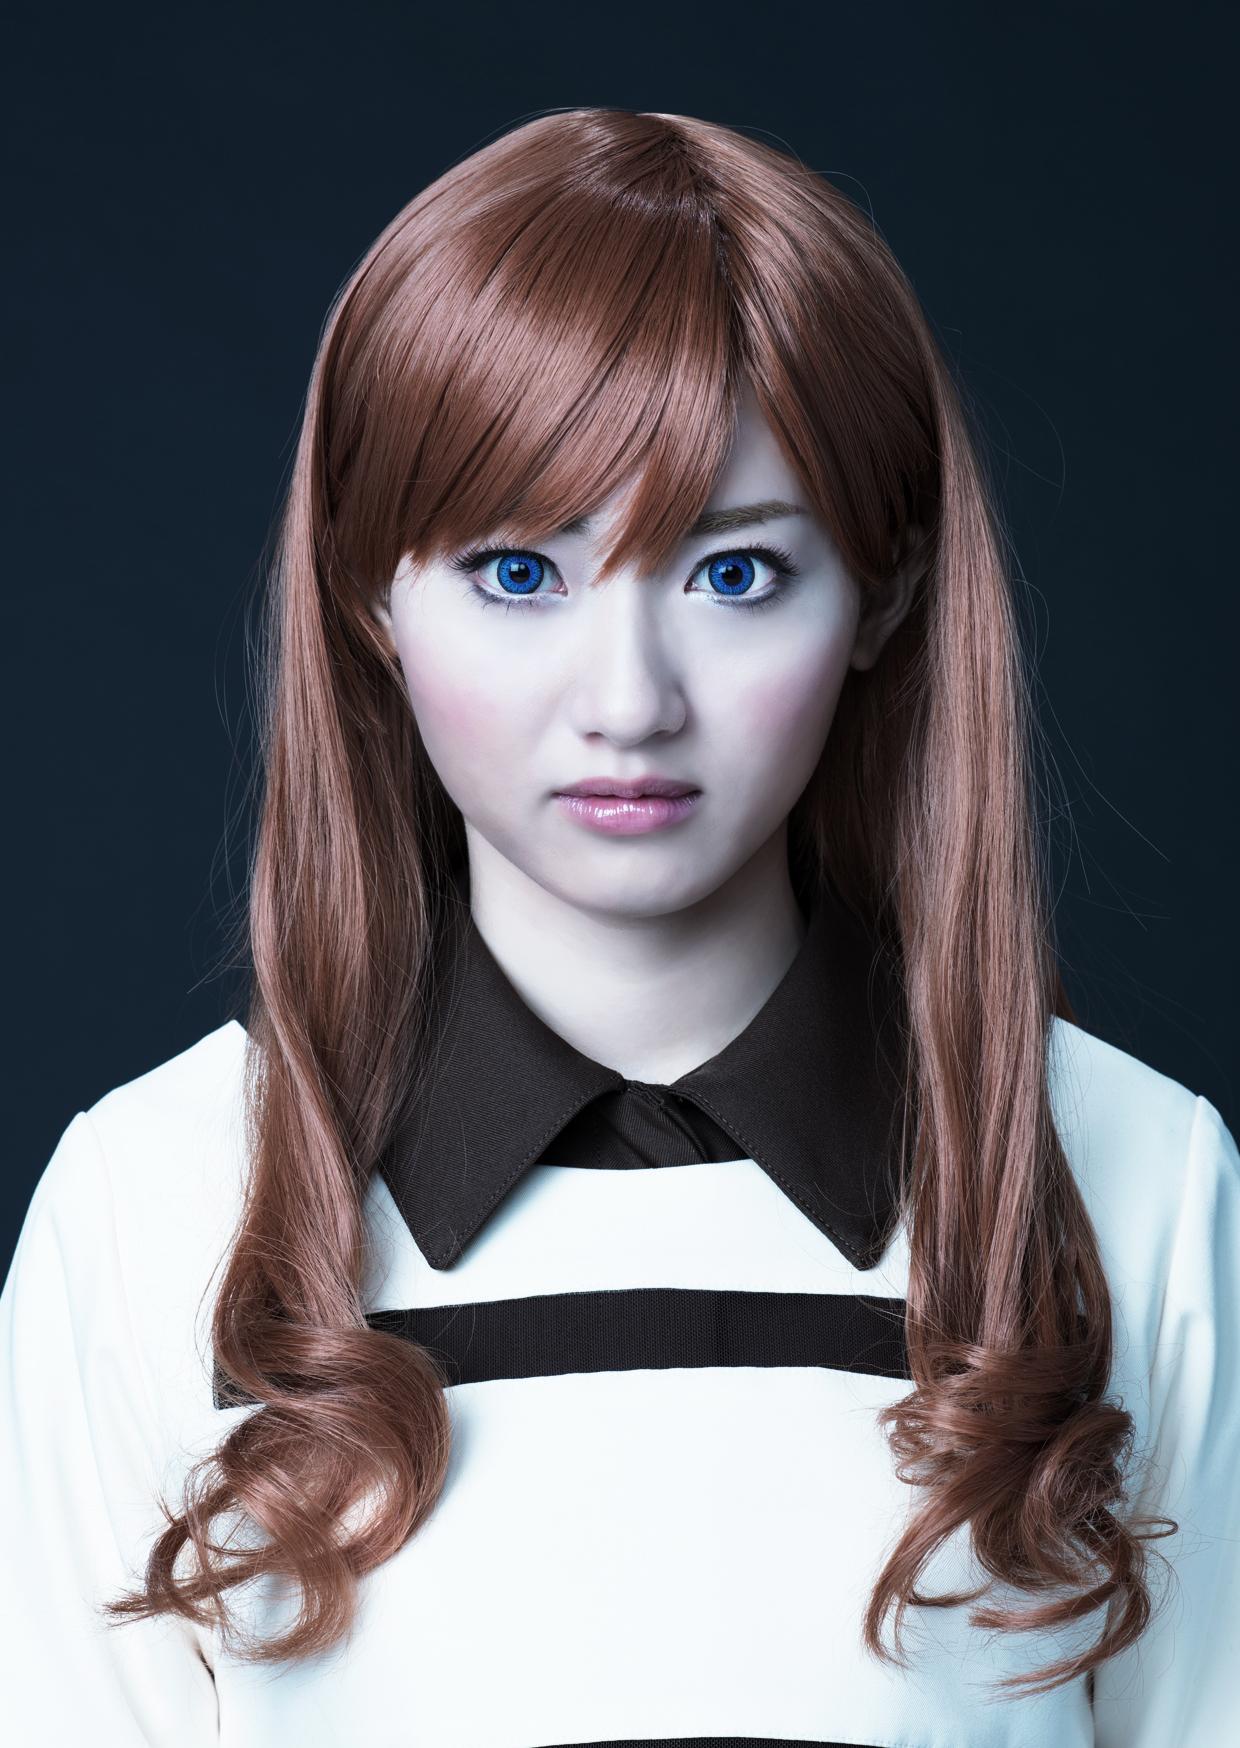 桃瀬美咲さん演ずるエマ ©士郎正宗・Production I.G/講談社・「攻殻機動隊ARISE」製作委員会